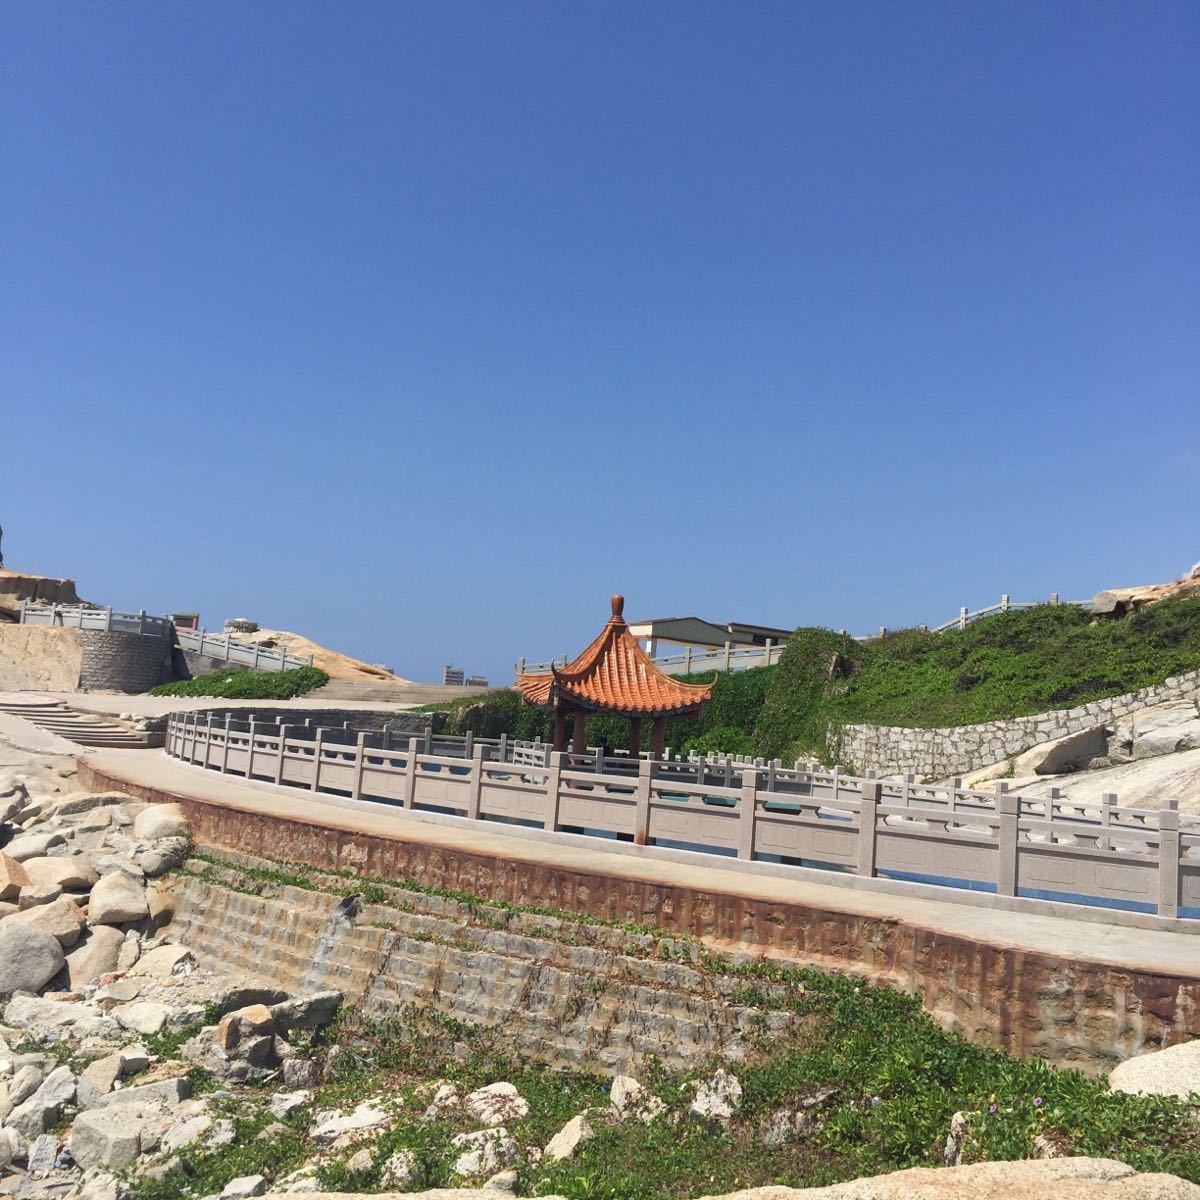 【携程攻略】广东汕尾红海湾遮浪角好玩吗,广东红海湾